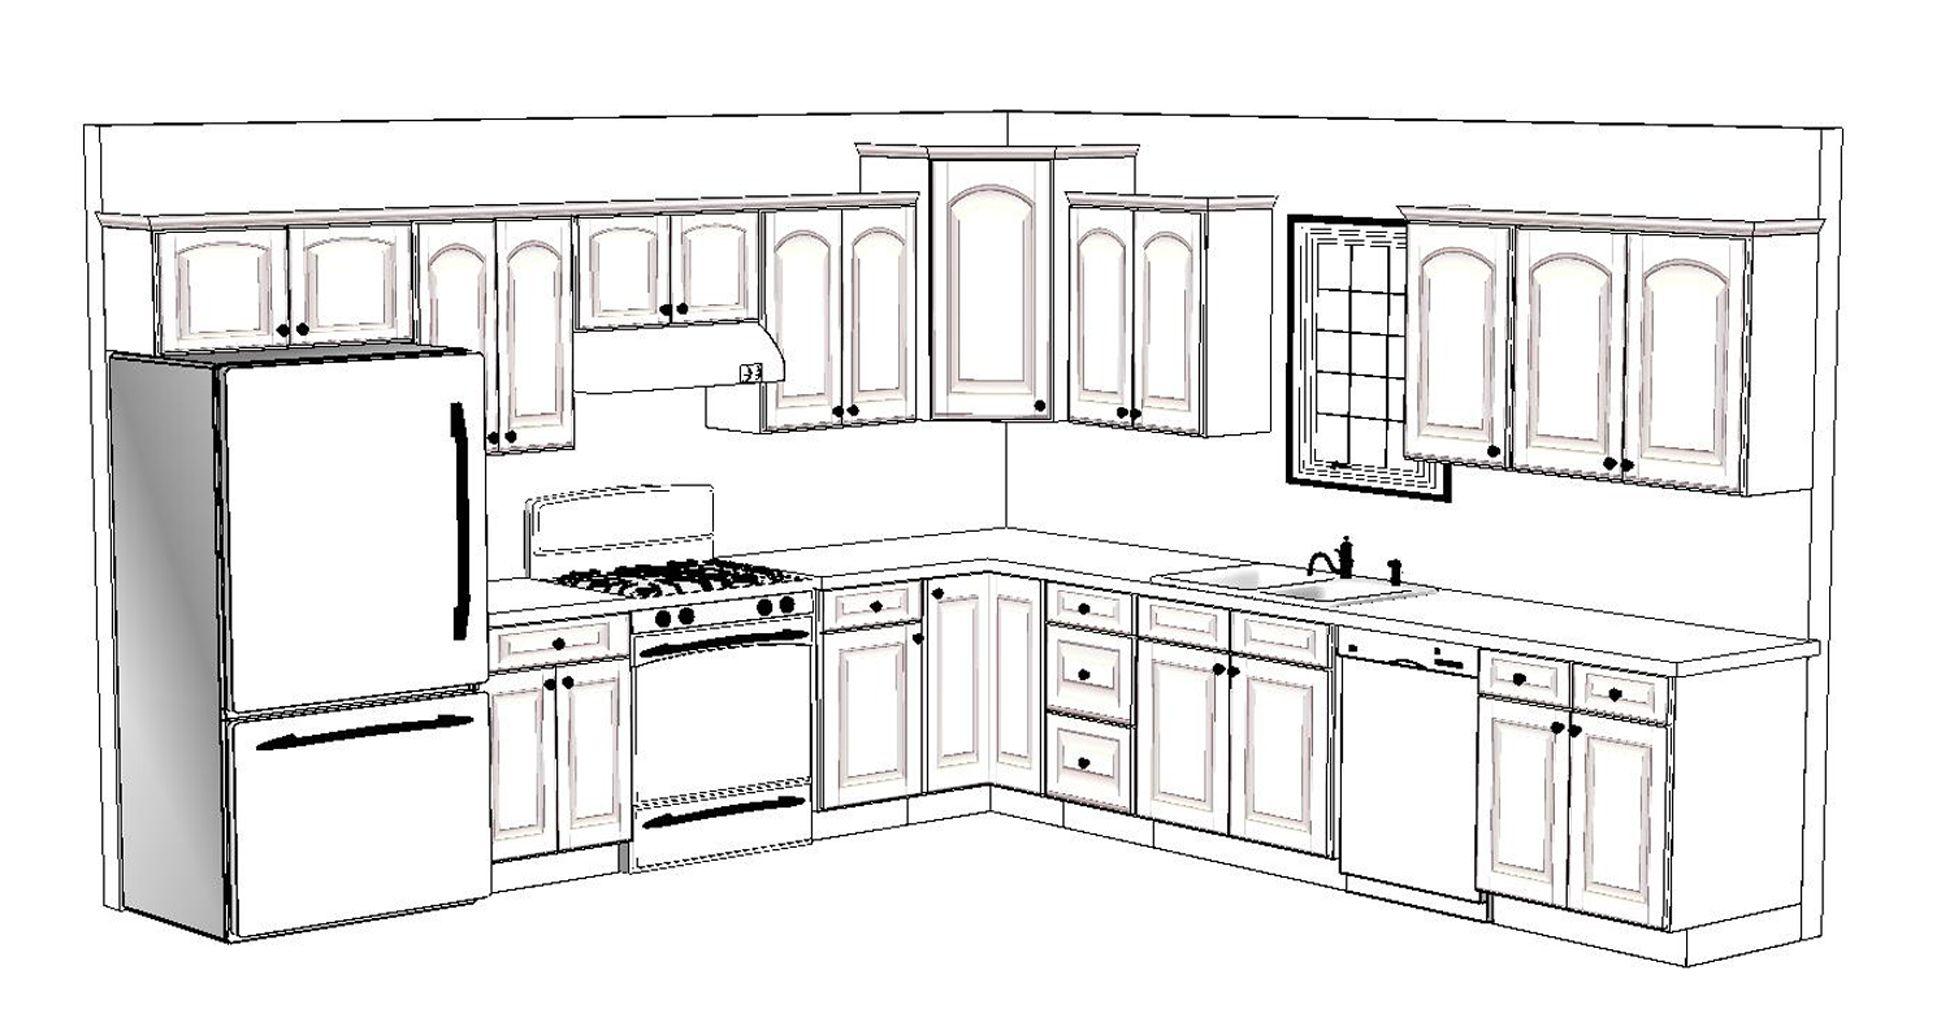 best kitchen layout ideas to redesign your kitchen Best